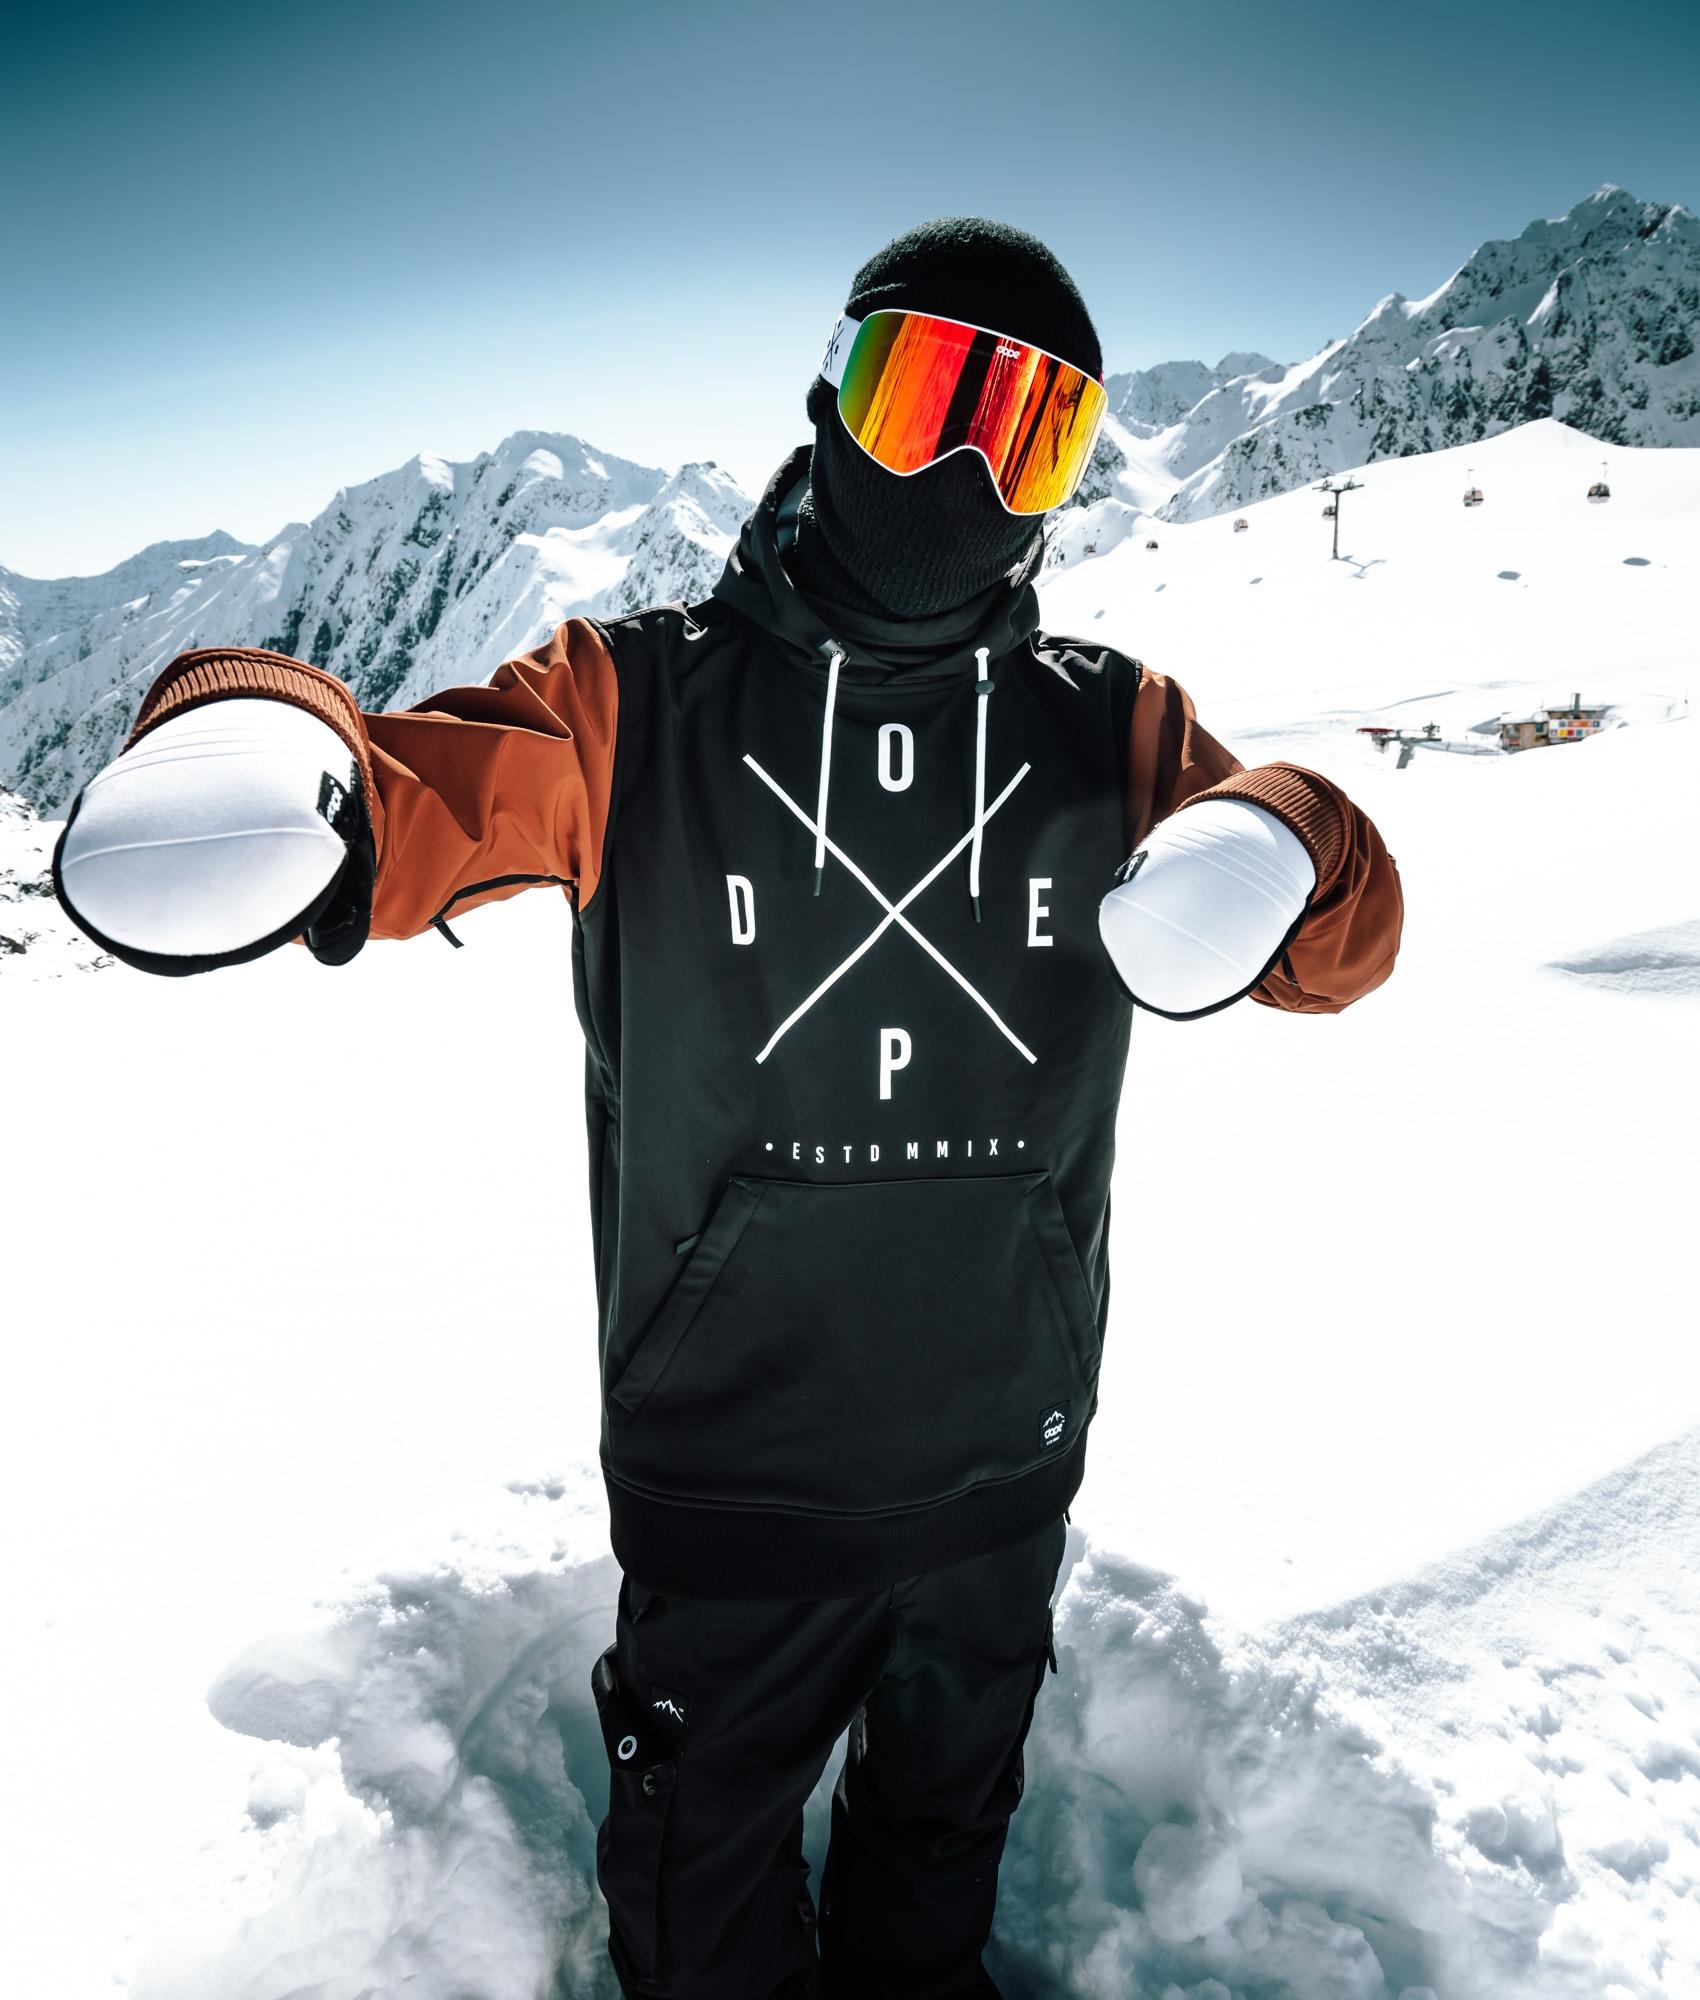 Felpe Snowboard Uomo   Spedizione Gratuita   RIDESTORE